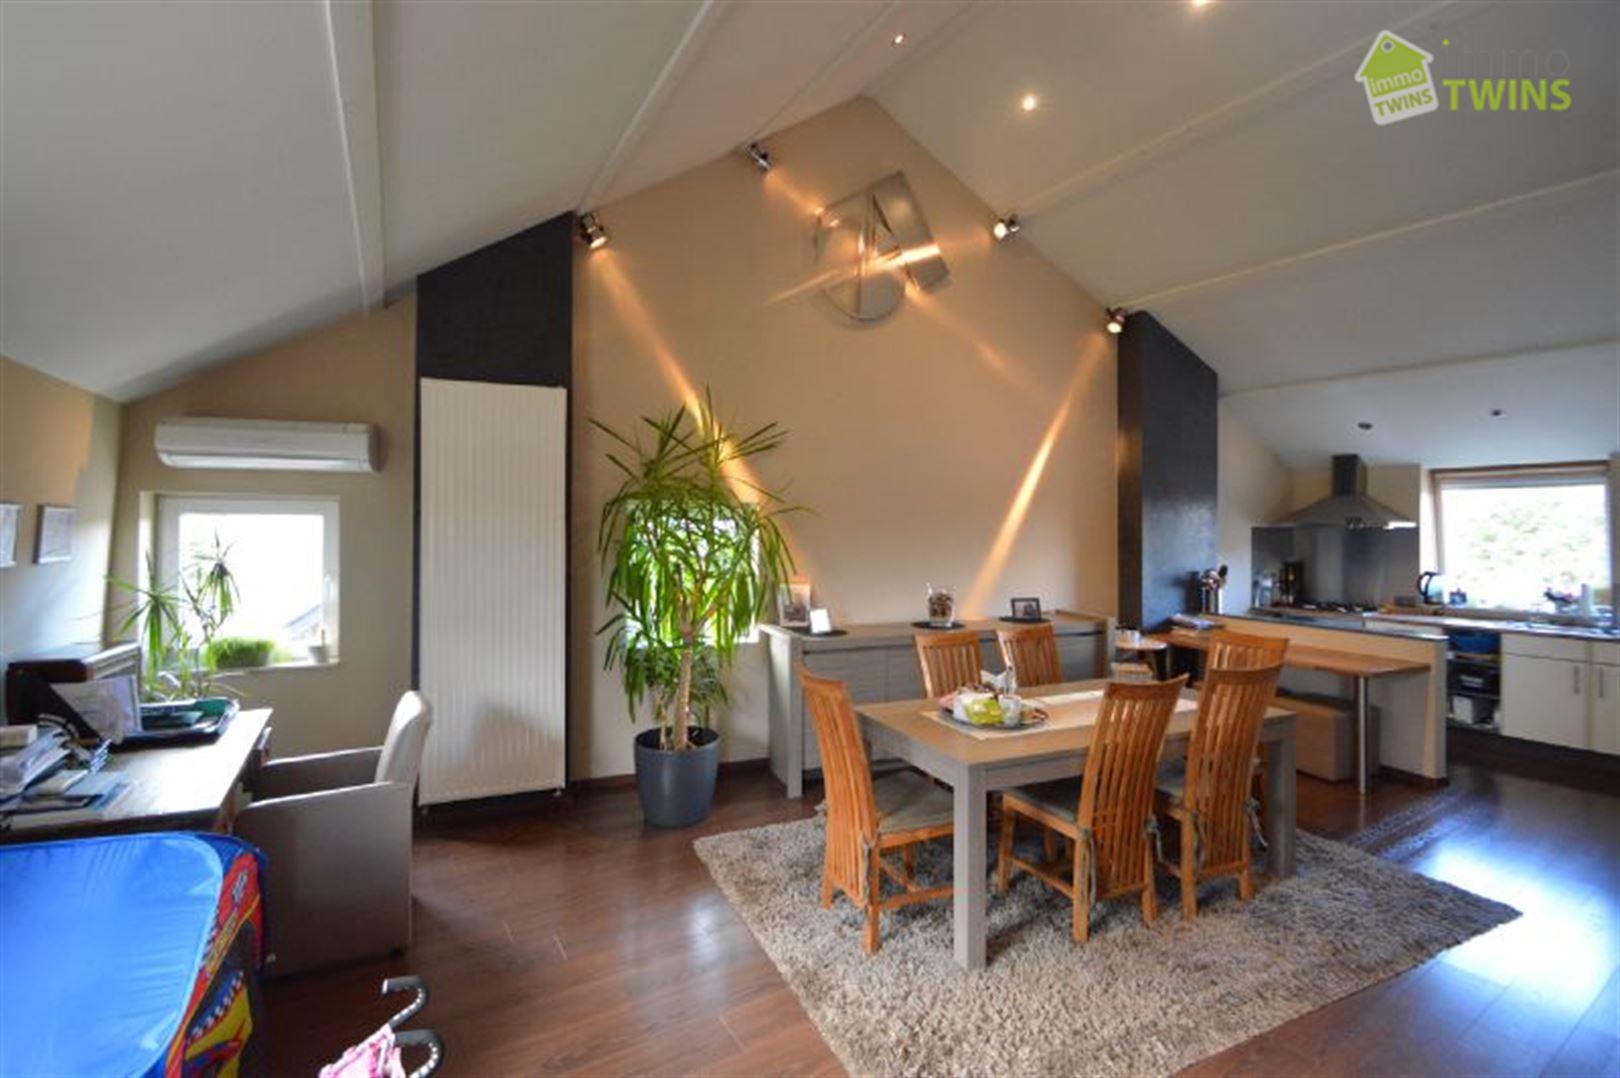 Foto 4 : Huis te 9200 Baasrode (België) - Prijs € 725